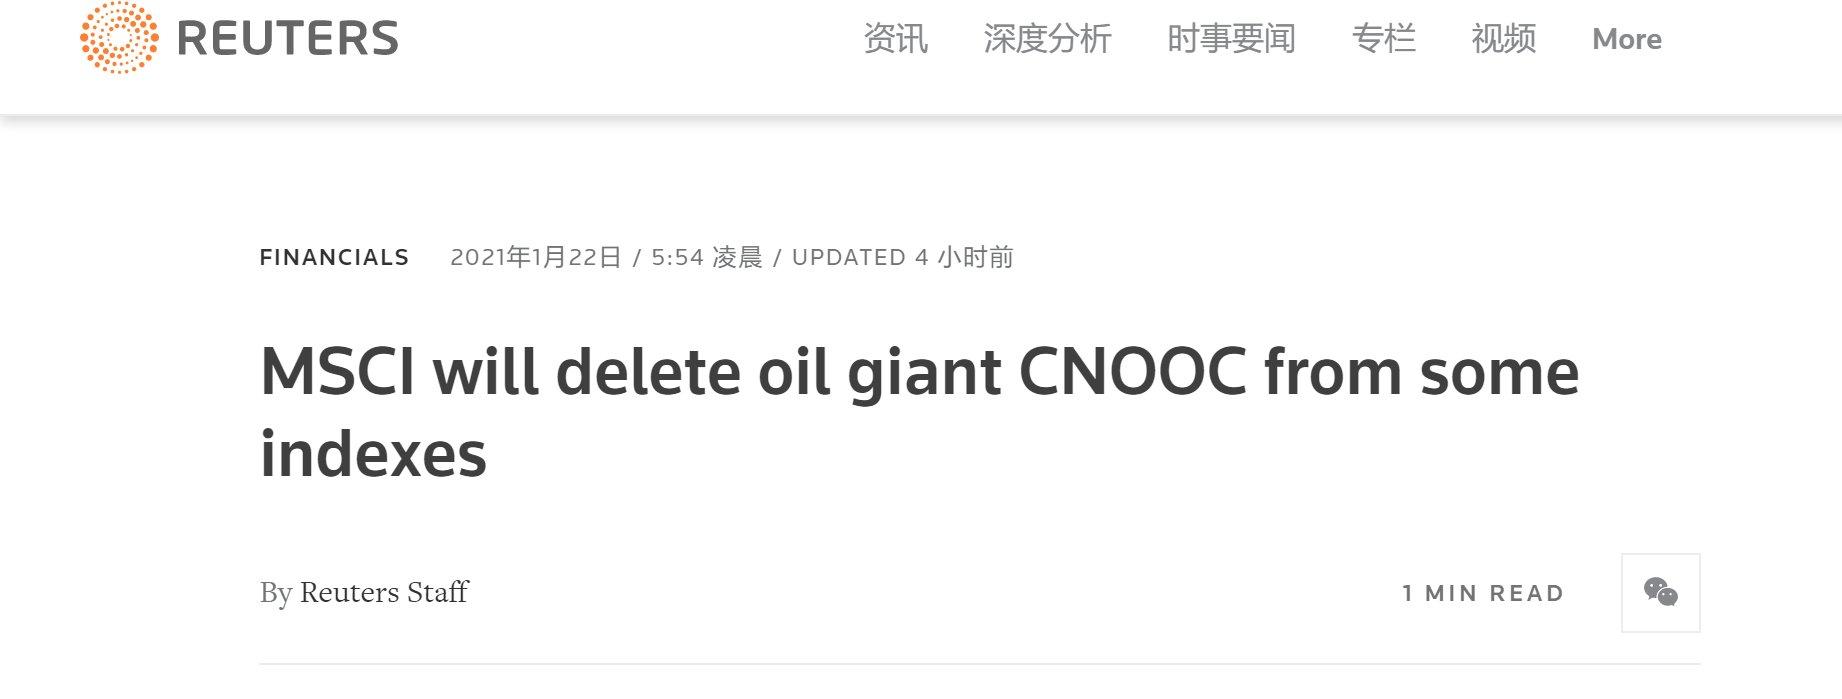 又來!外媒:美國明晟公司將從相關指數中移除中海油數據